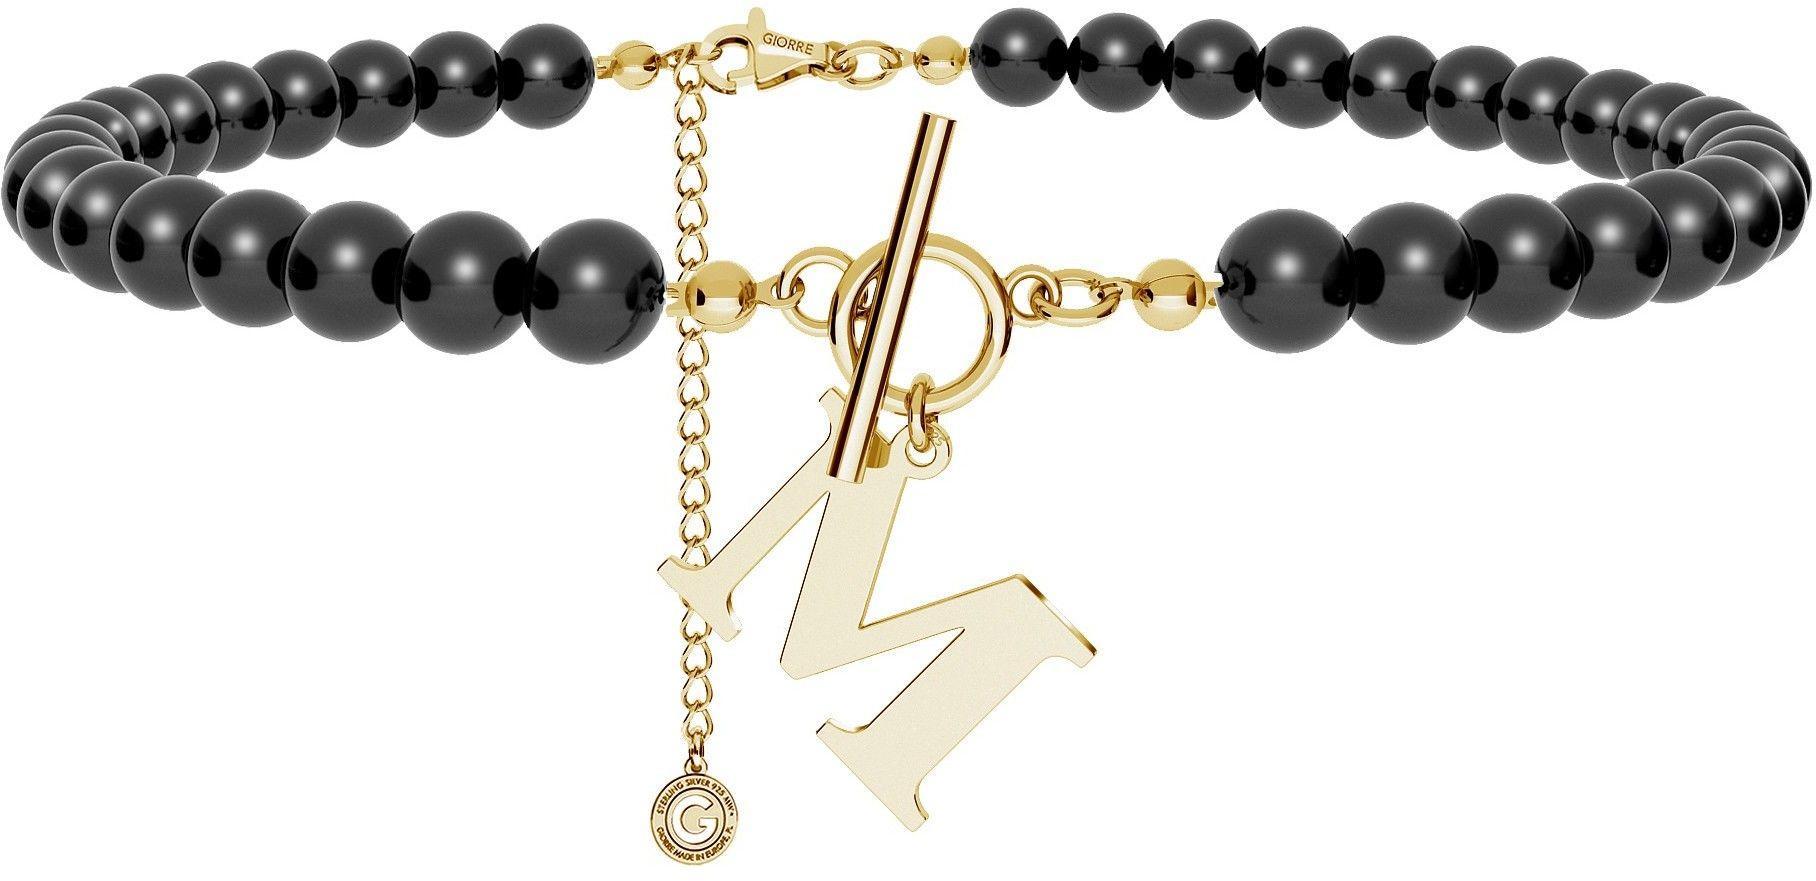 Czarny perłowy choker z dowolną literą, Swarovski, srebro 925 : Litera - P, Srebro - kolor pokrycia - Pokrycie platyną